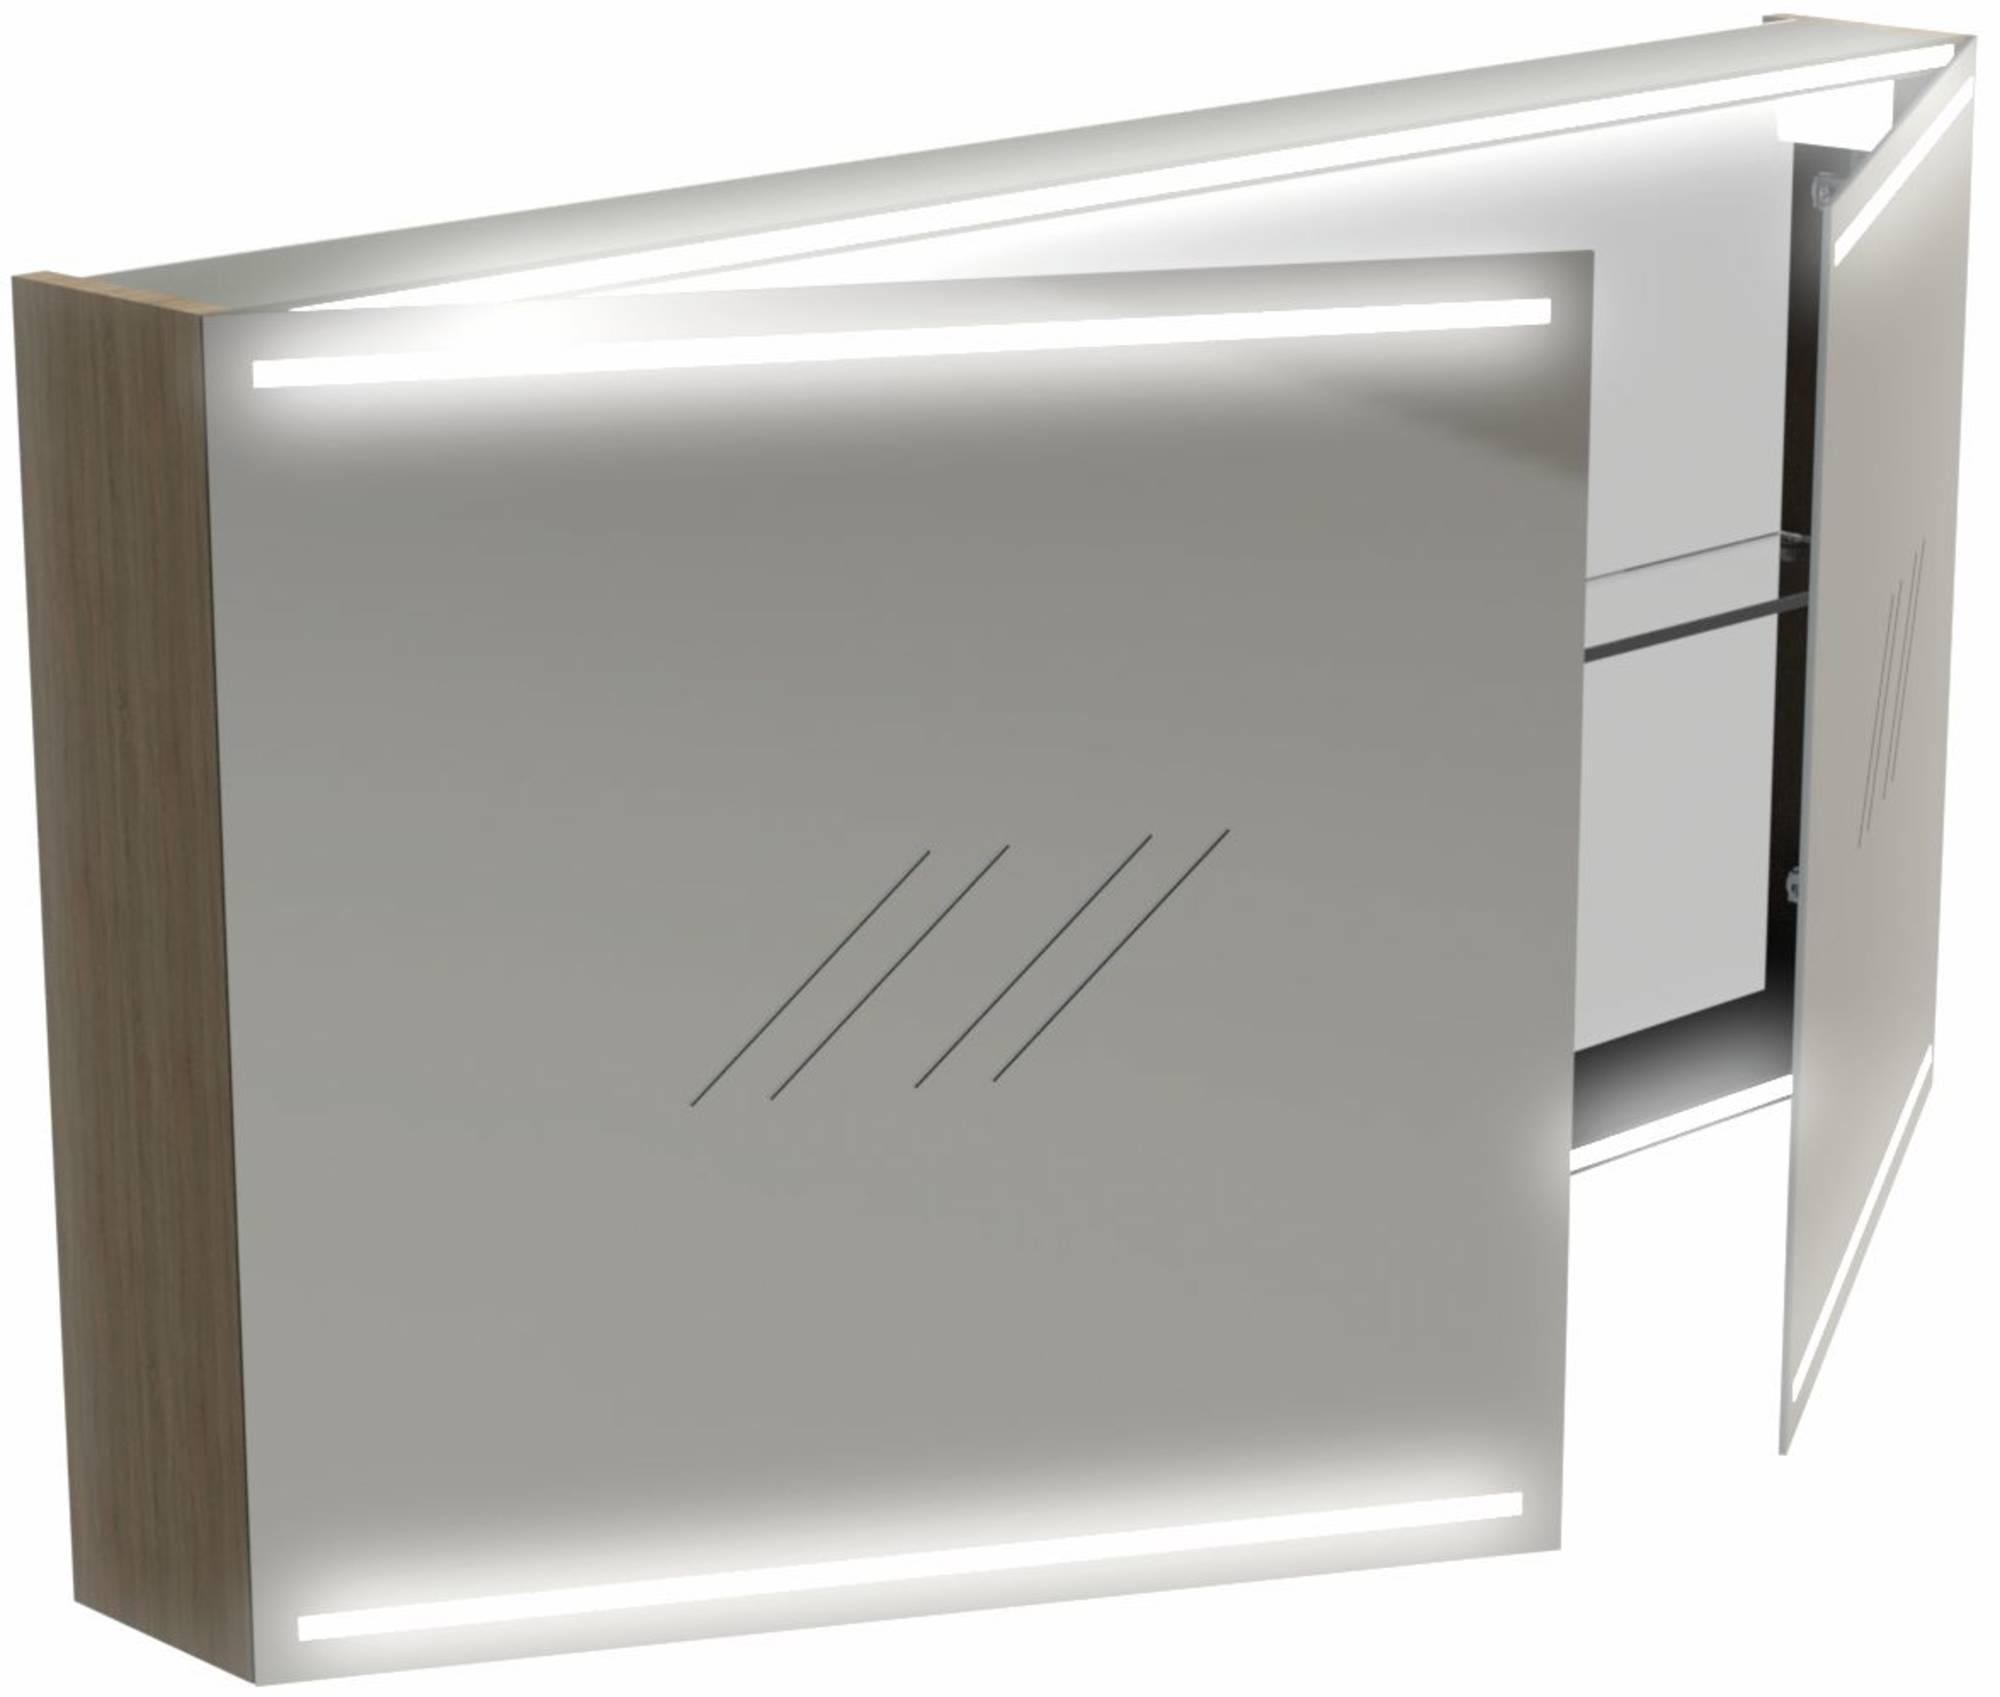 Thebalux Deluxe Spiegelkast 60x120x13,5 cm Wit Hoogglans Lak